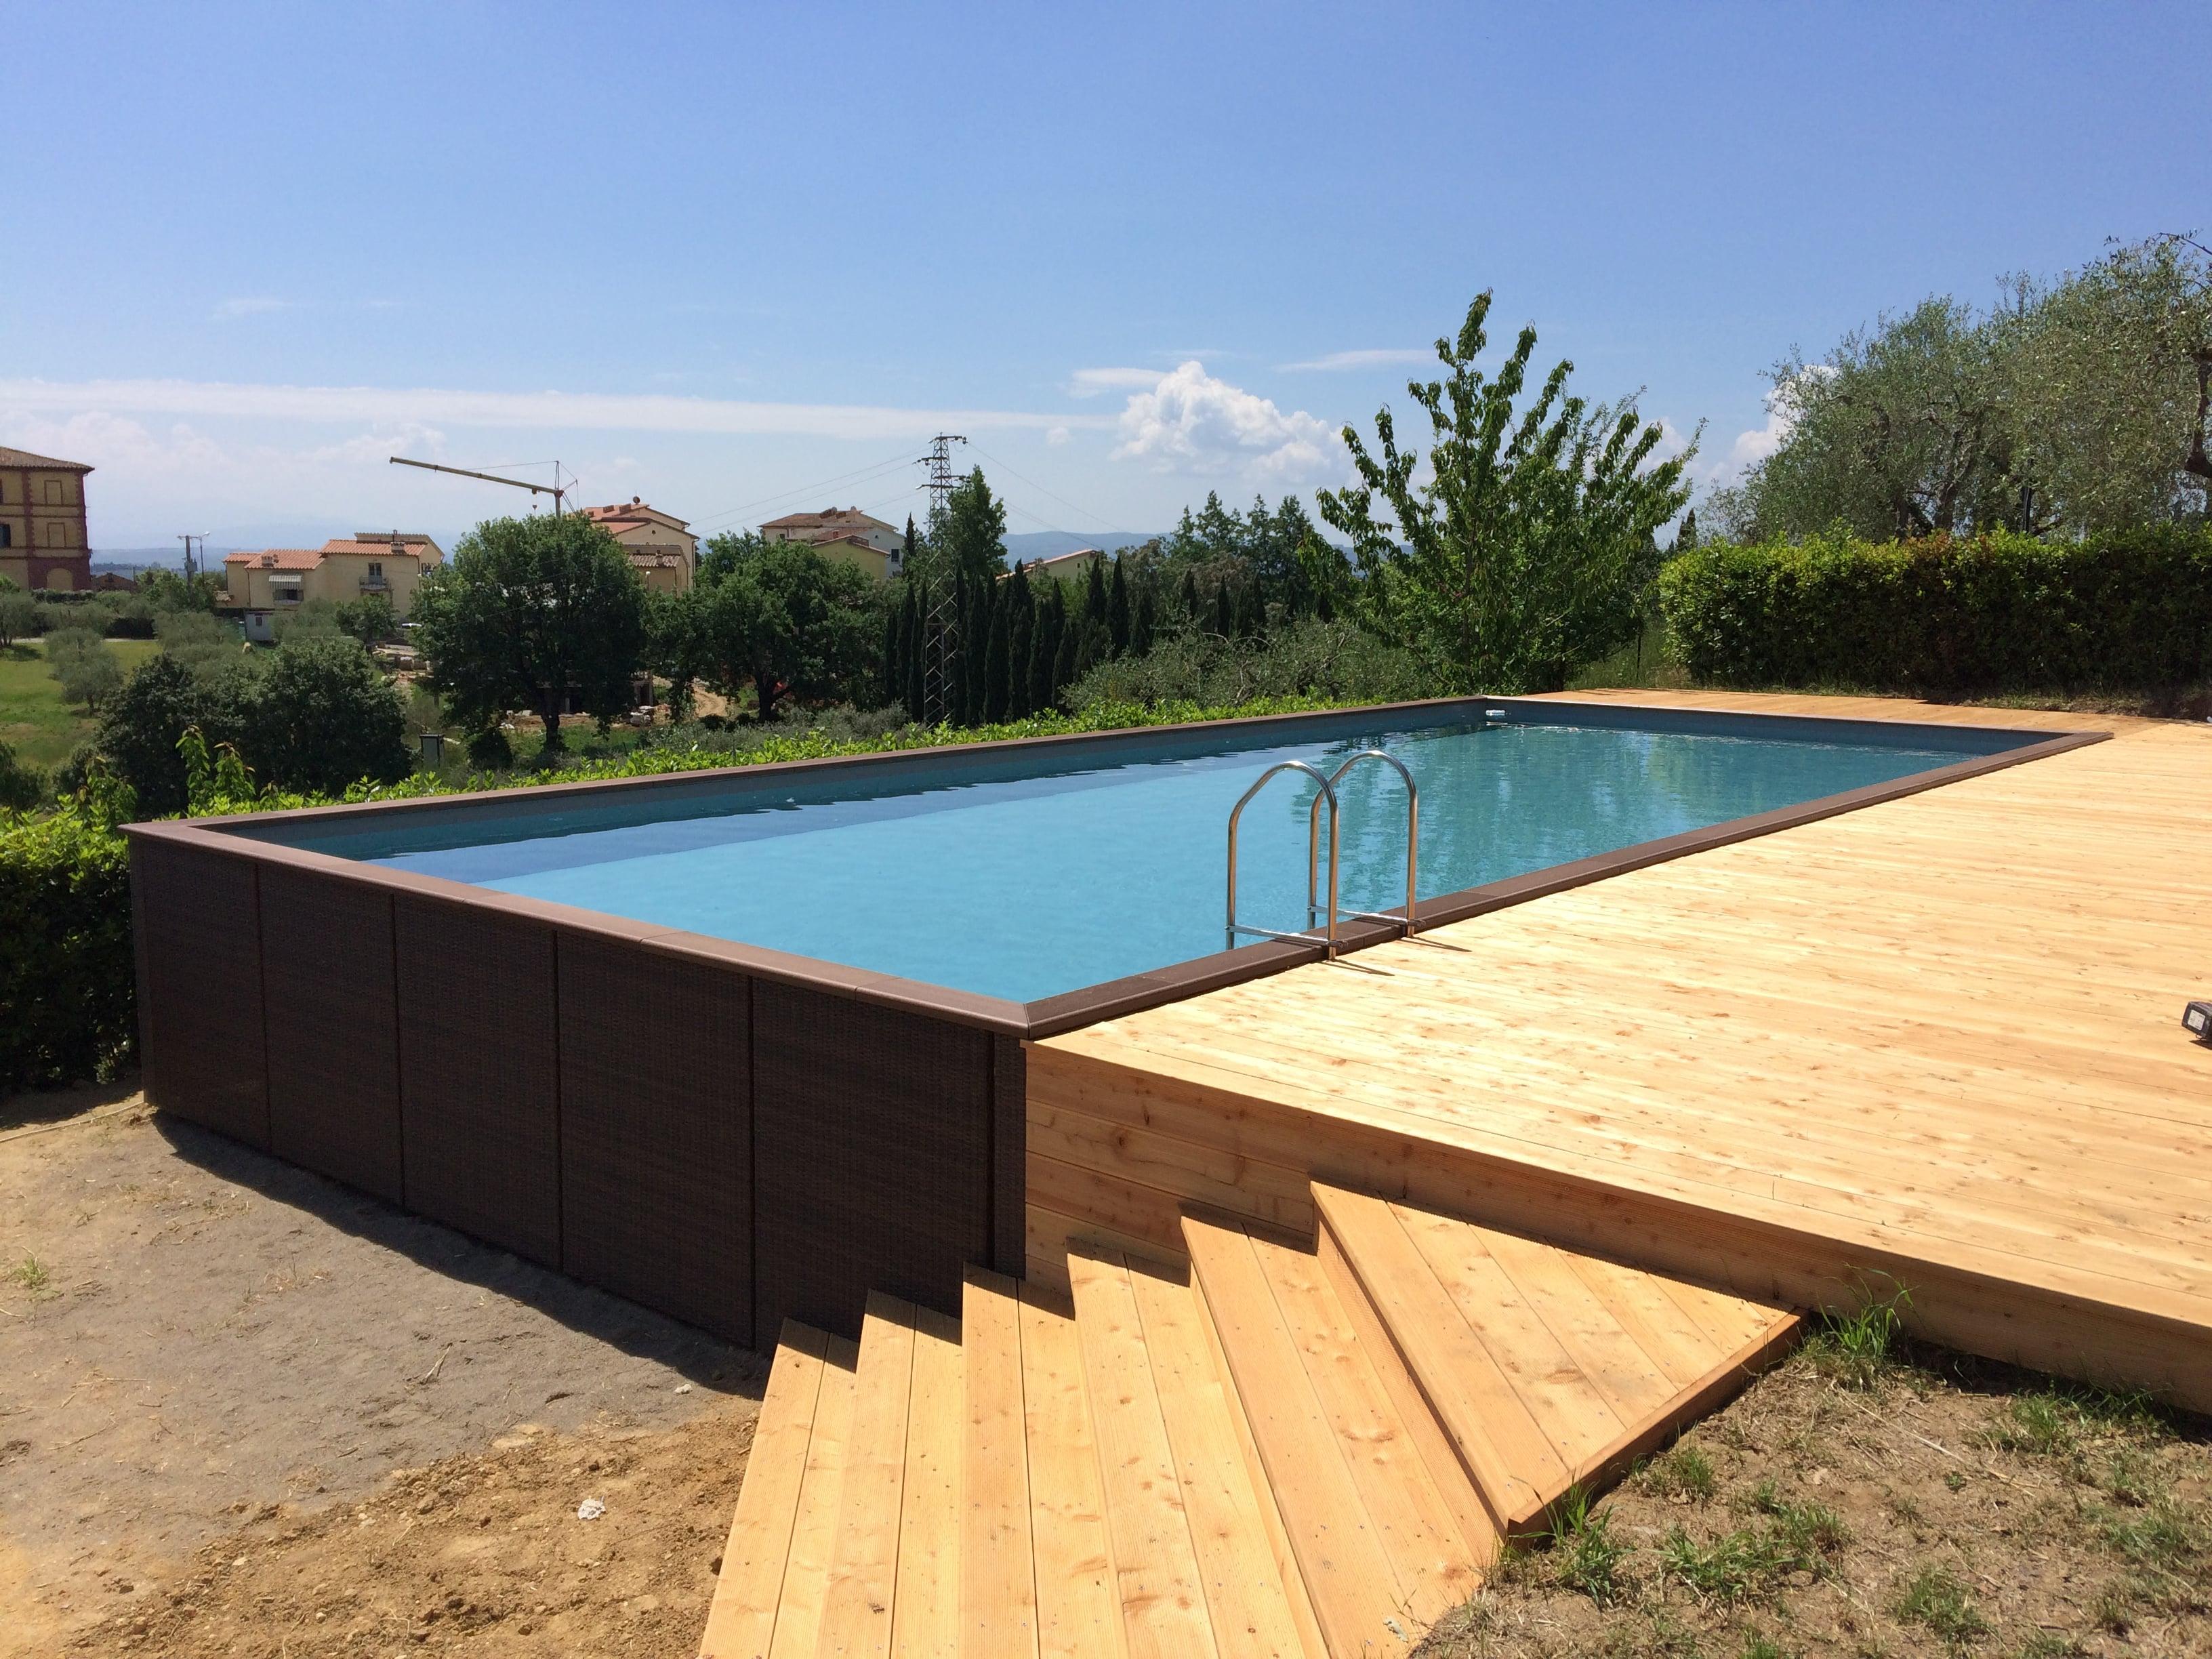 Costo Piscina Seminterrata.Realizzazione Piscine Seminterrate In Toscana Garden Pool